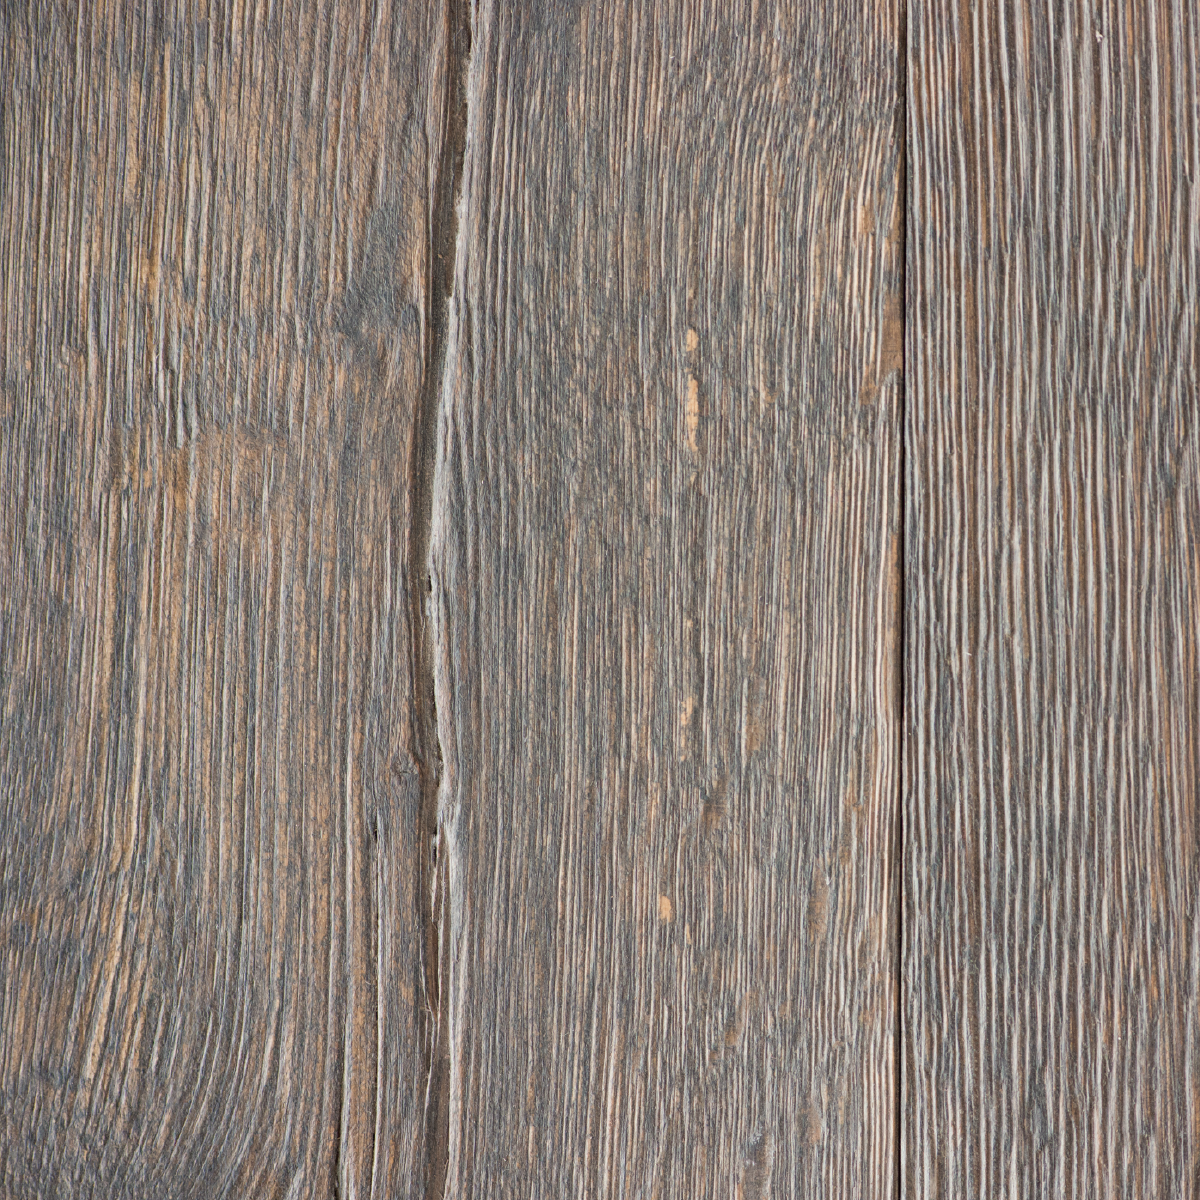 SQdark-mid-wood-01.png